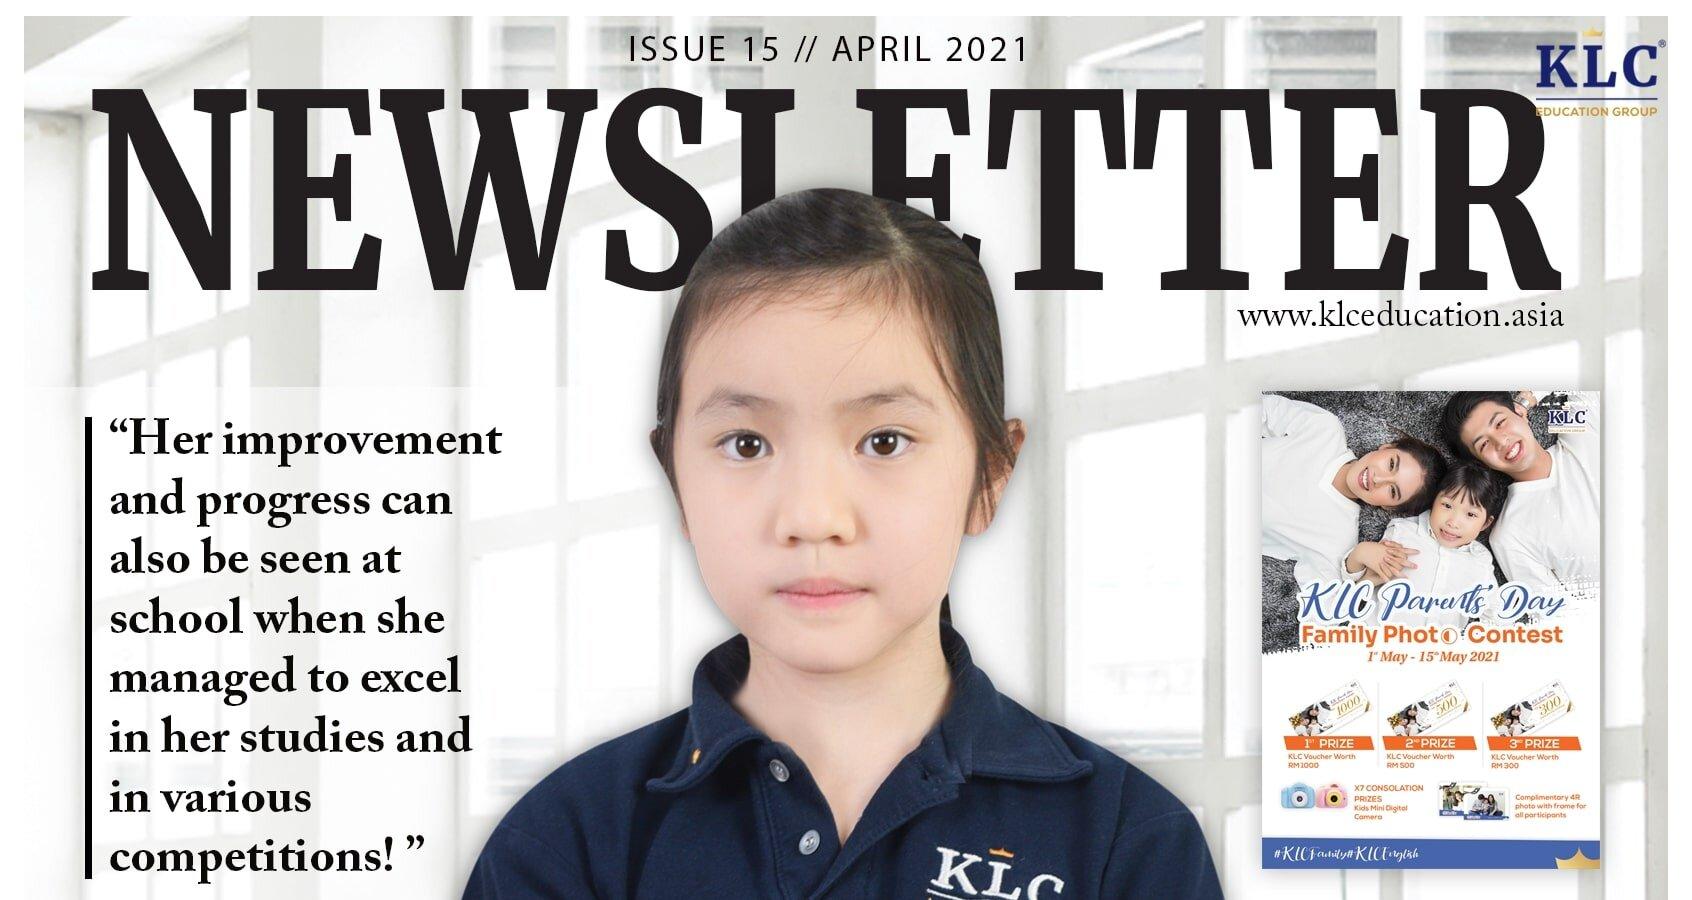 KLC Newsletter April 2021